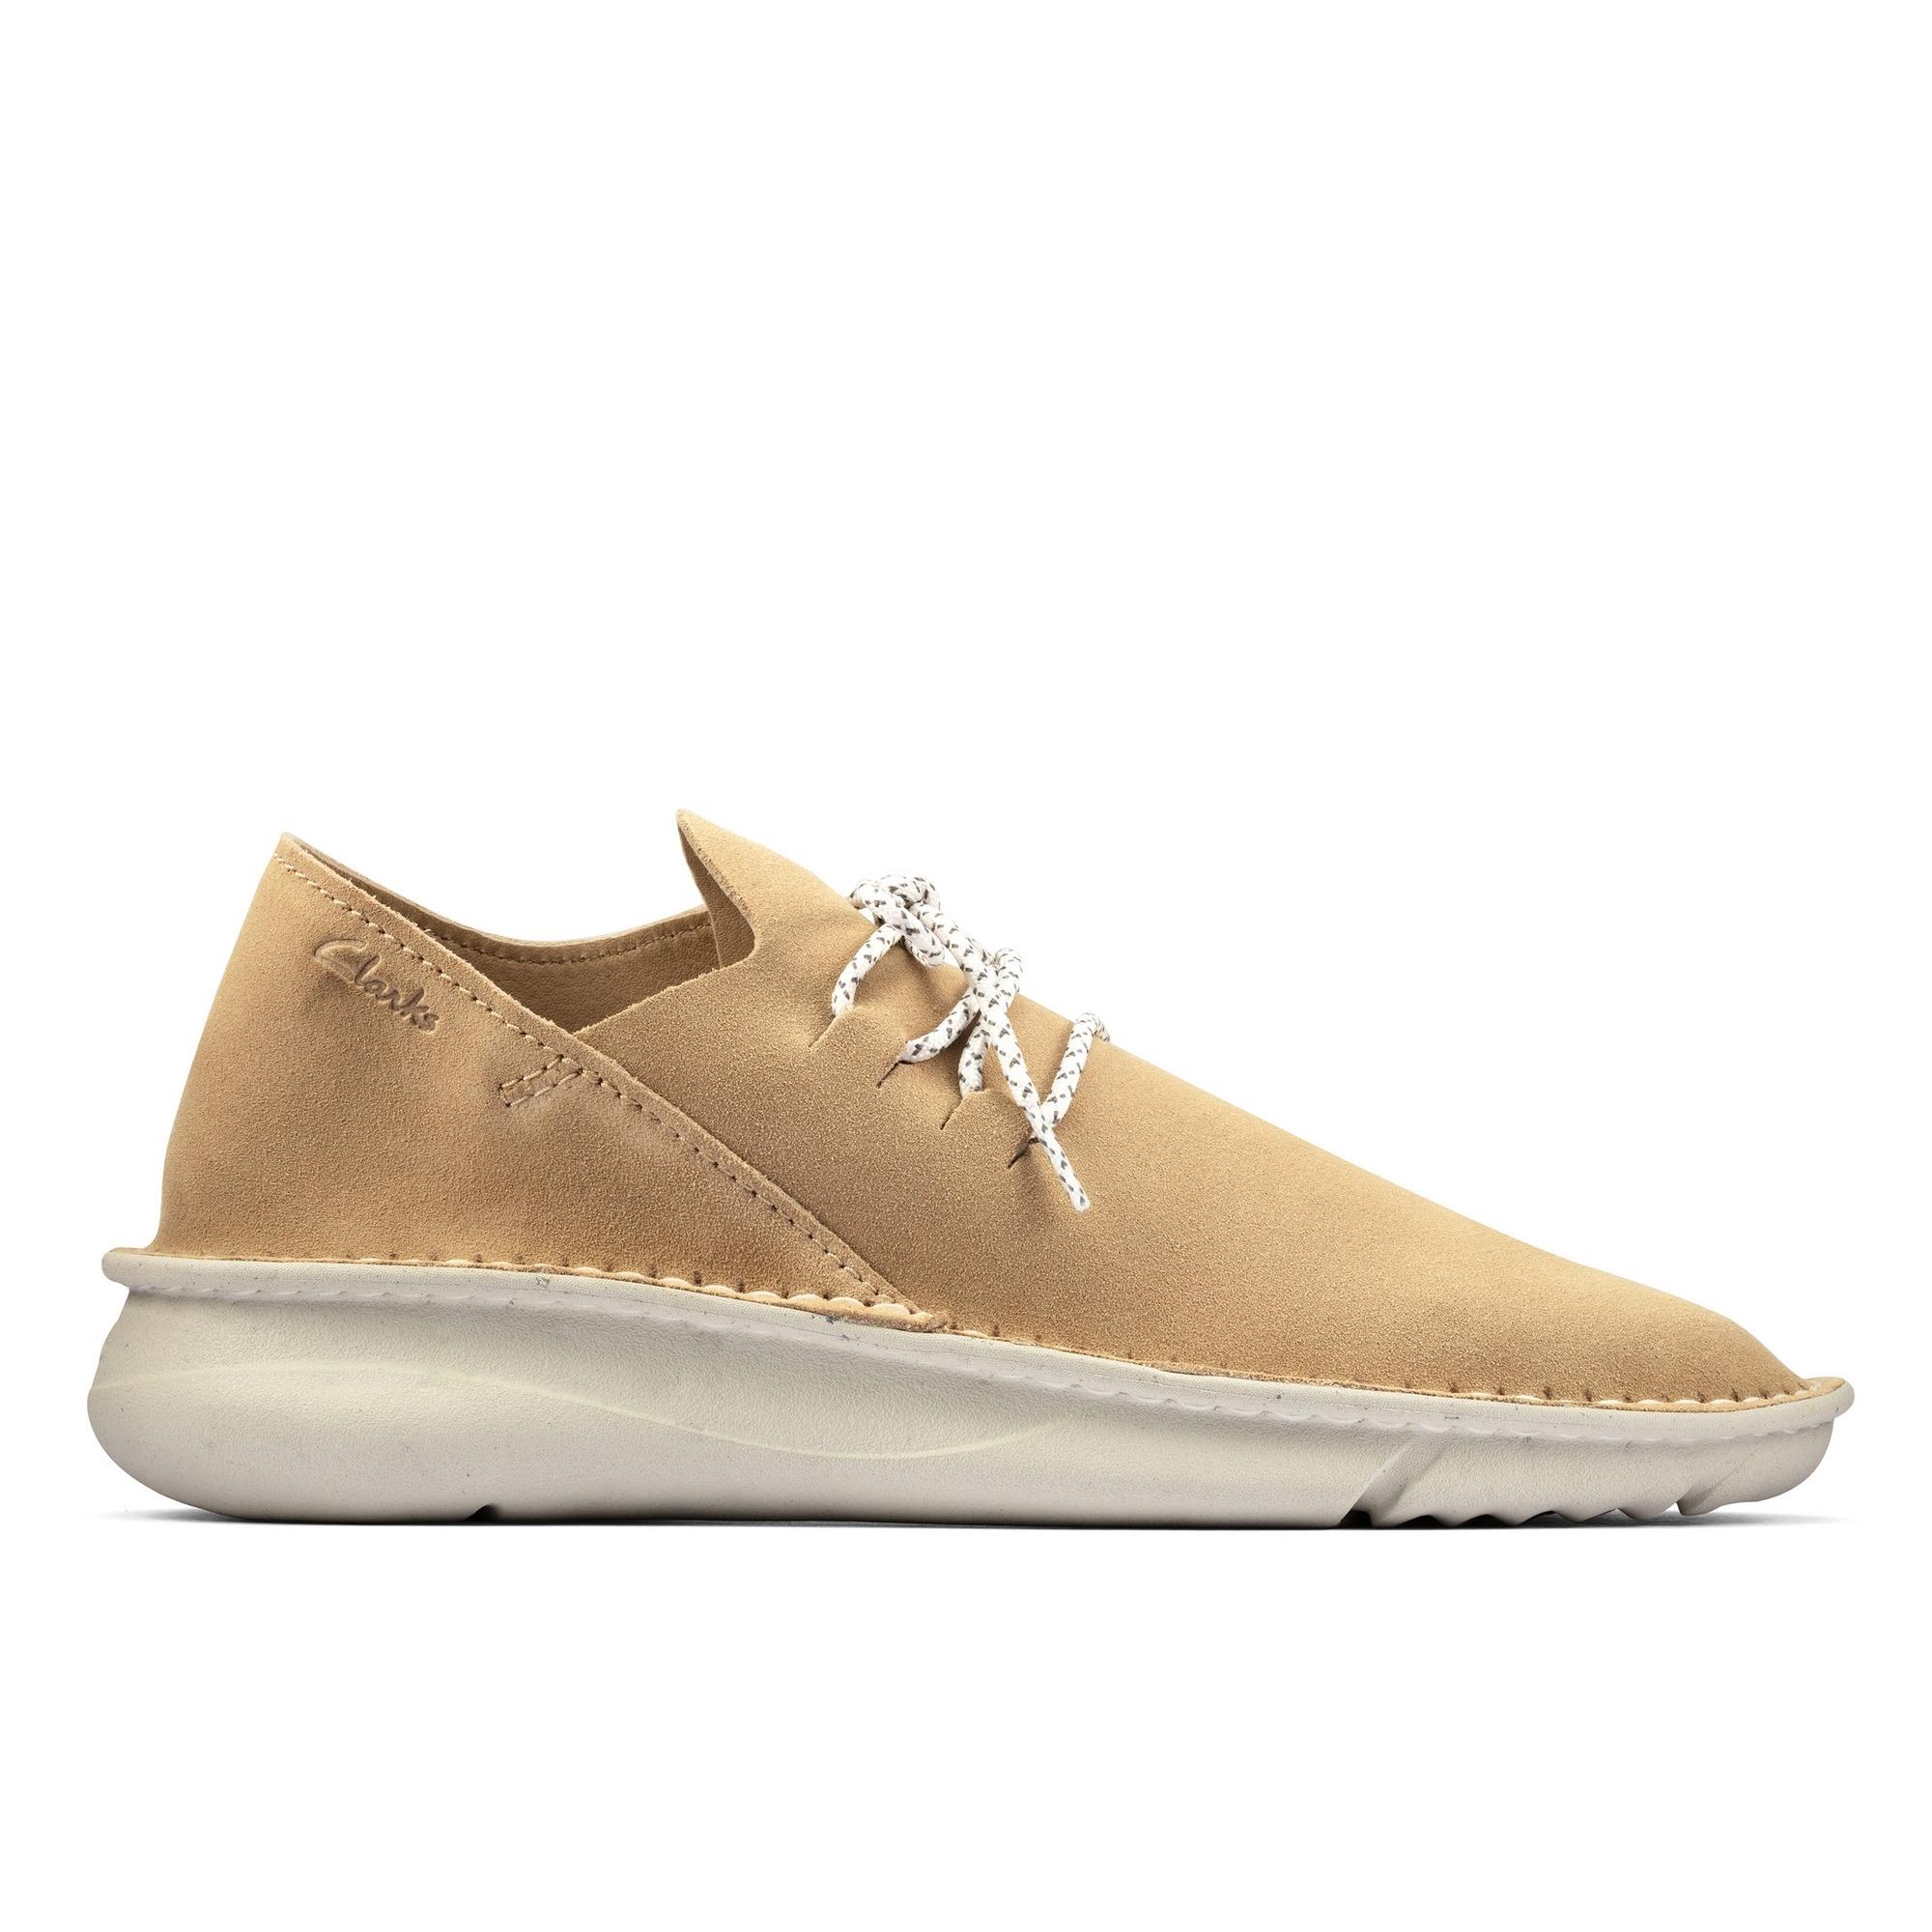 miniature 9 - Clarks - Chaussures décontractées ORIGIN - Homme (CK114)